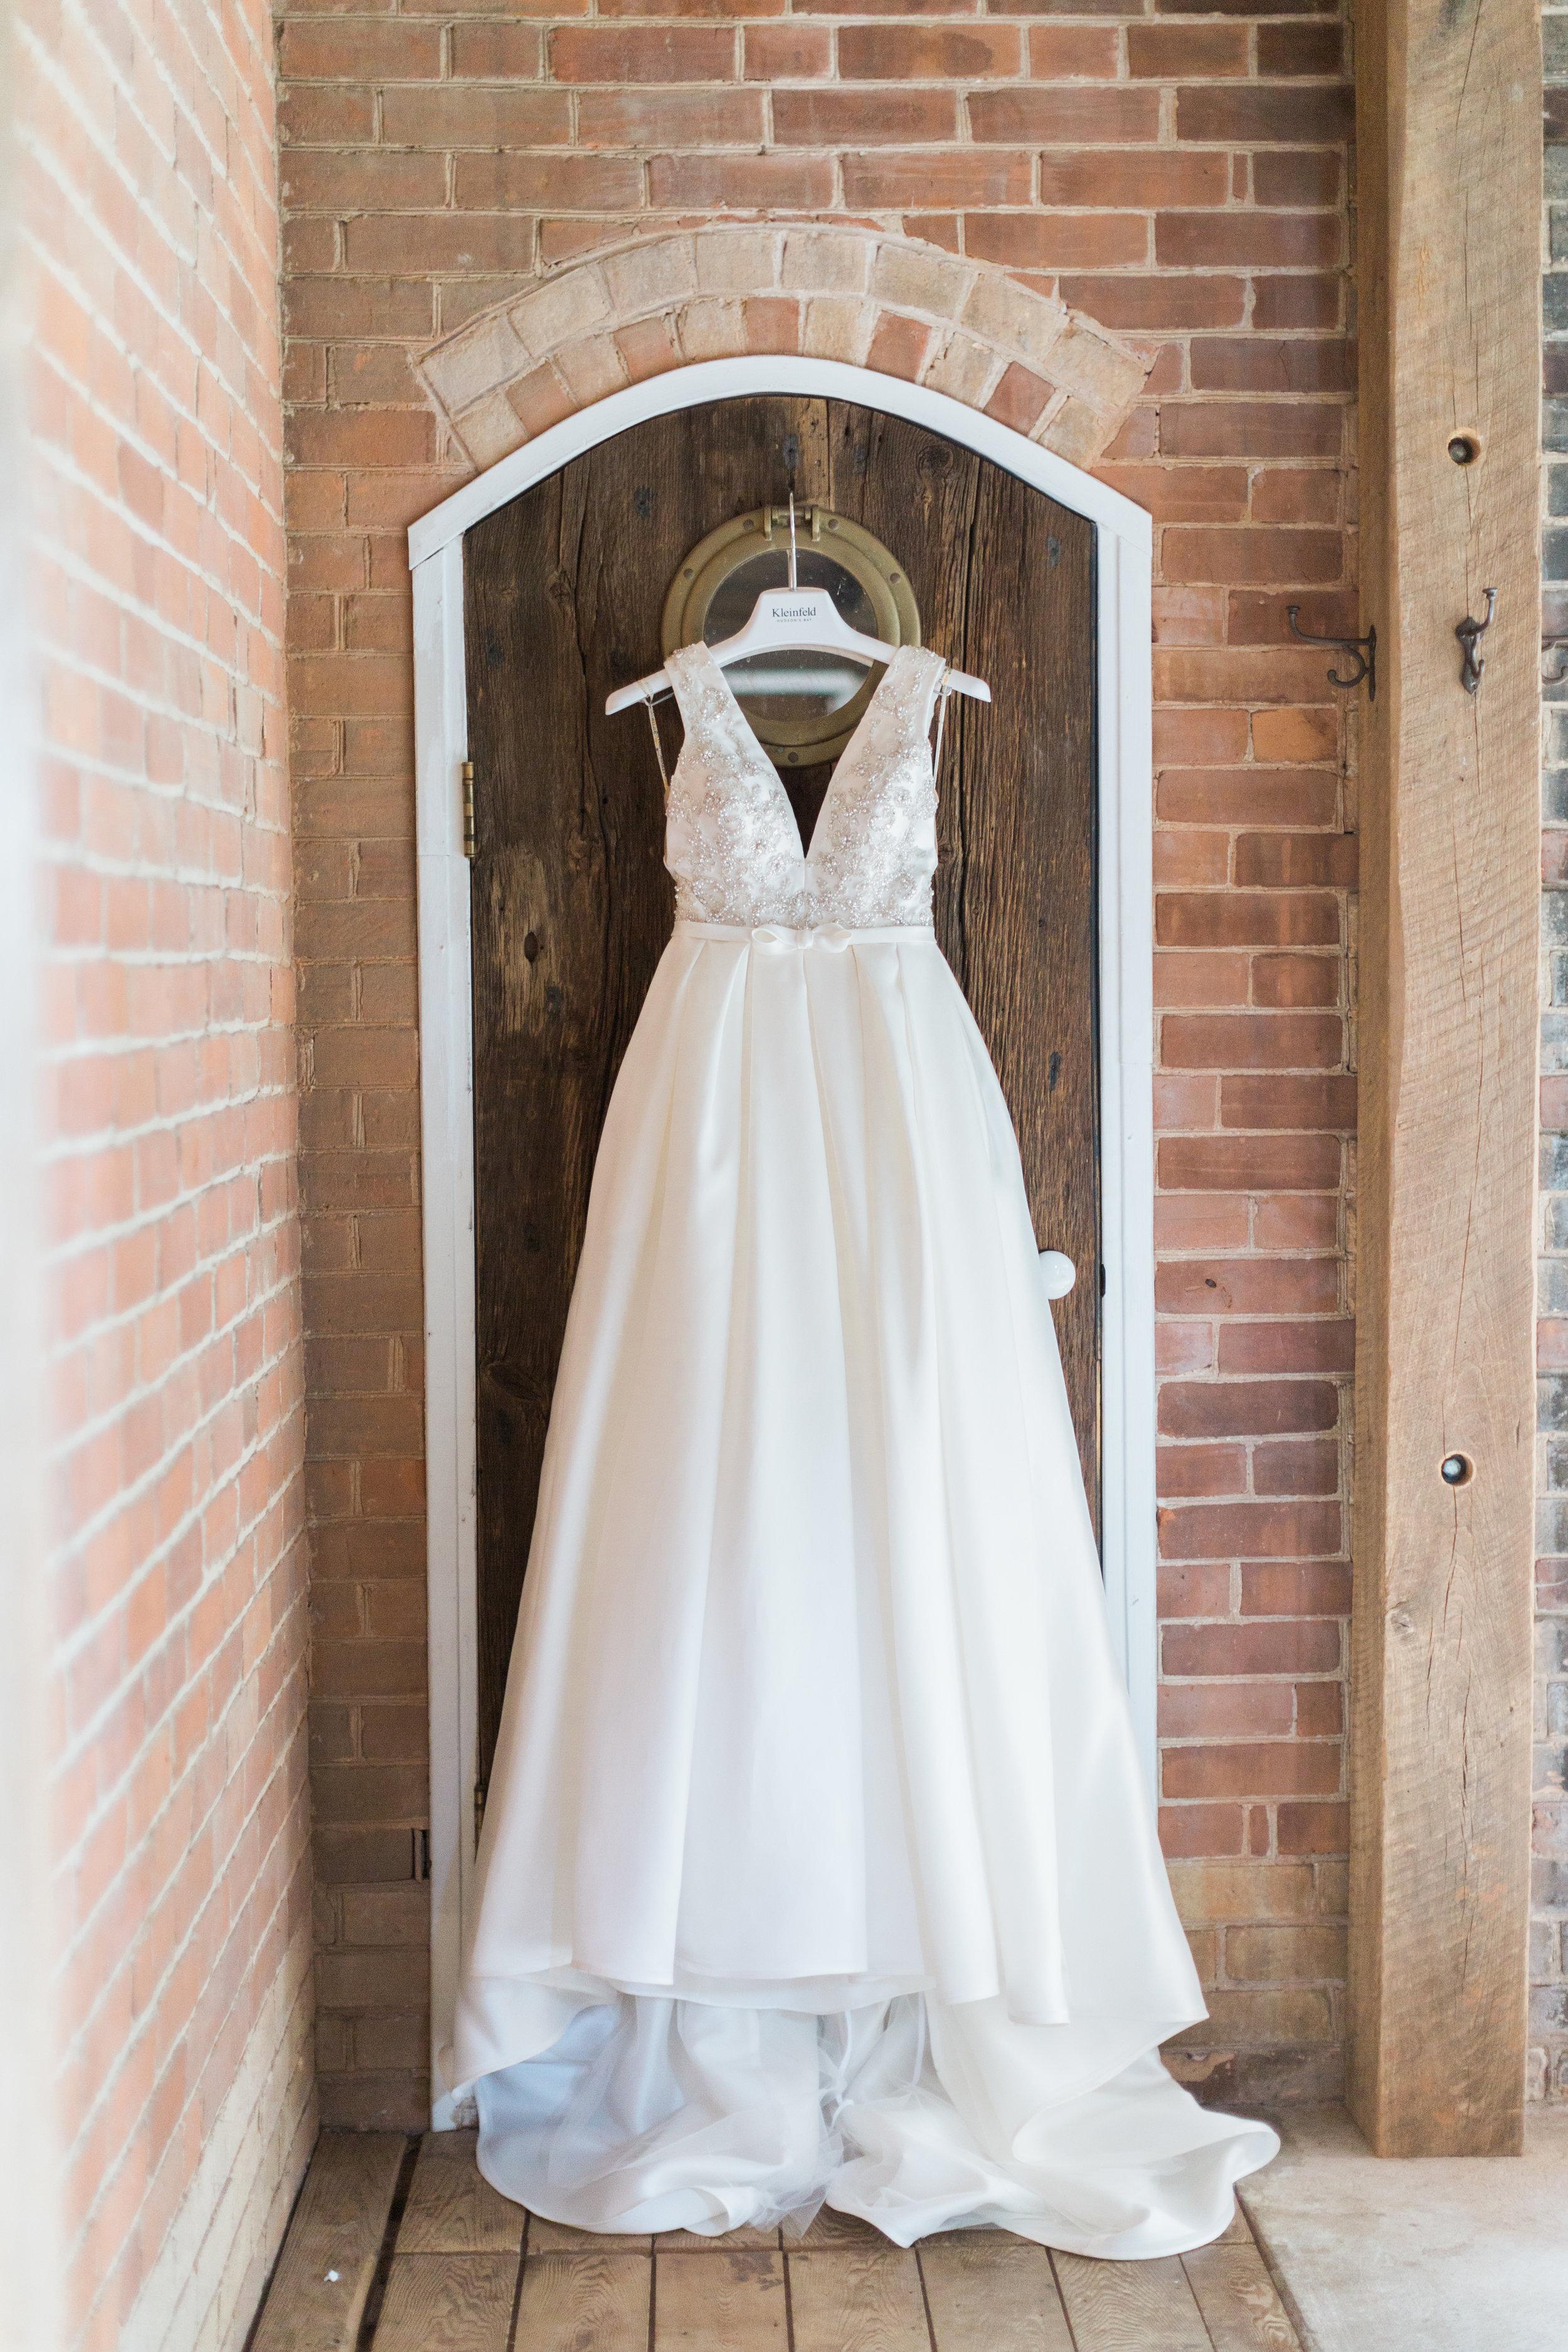 Alton Mills Wedding - Bride Getting Ready-17.jpg